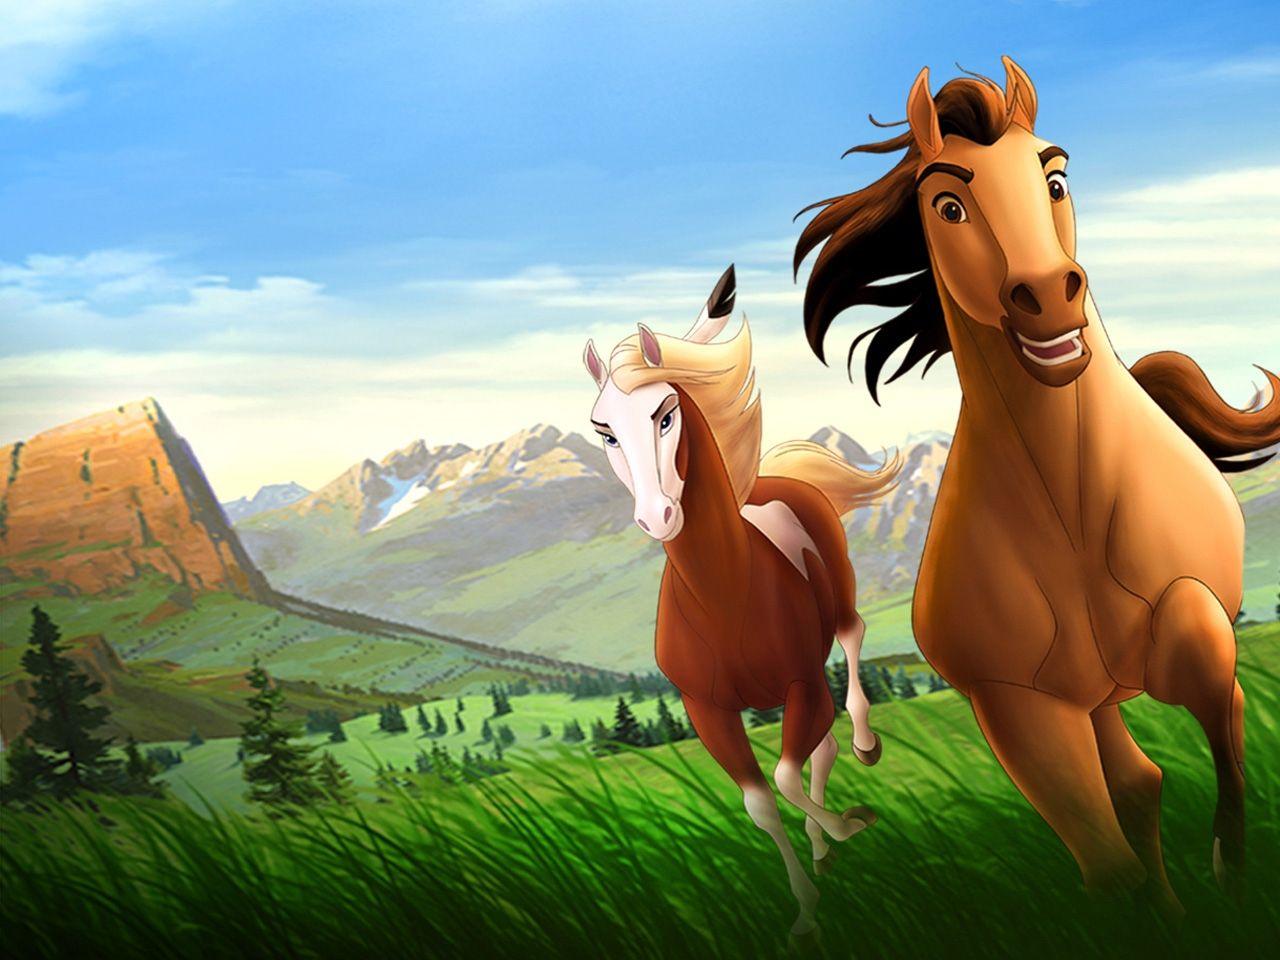 Картинки с лошадями из спирита